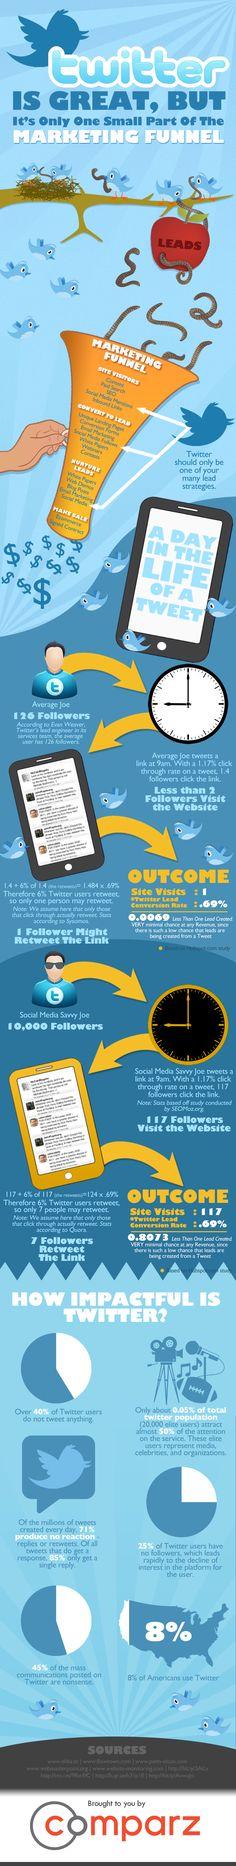 Interessante #Statistiken über #Twitter zeigen auf, warum der #Microblogging Dienst nur ein kleiner Teil ihrer #Marketingstrategie ausmachen sollte.